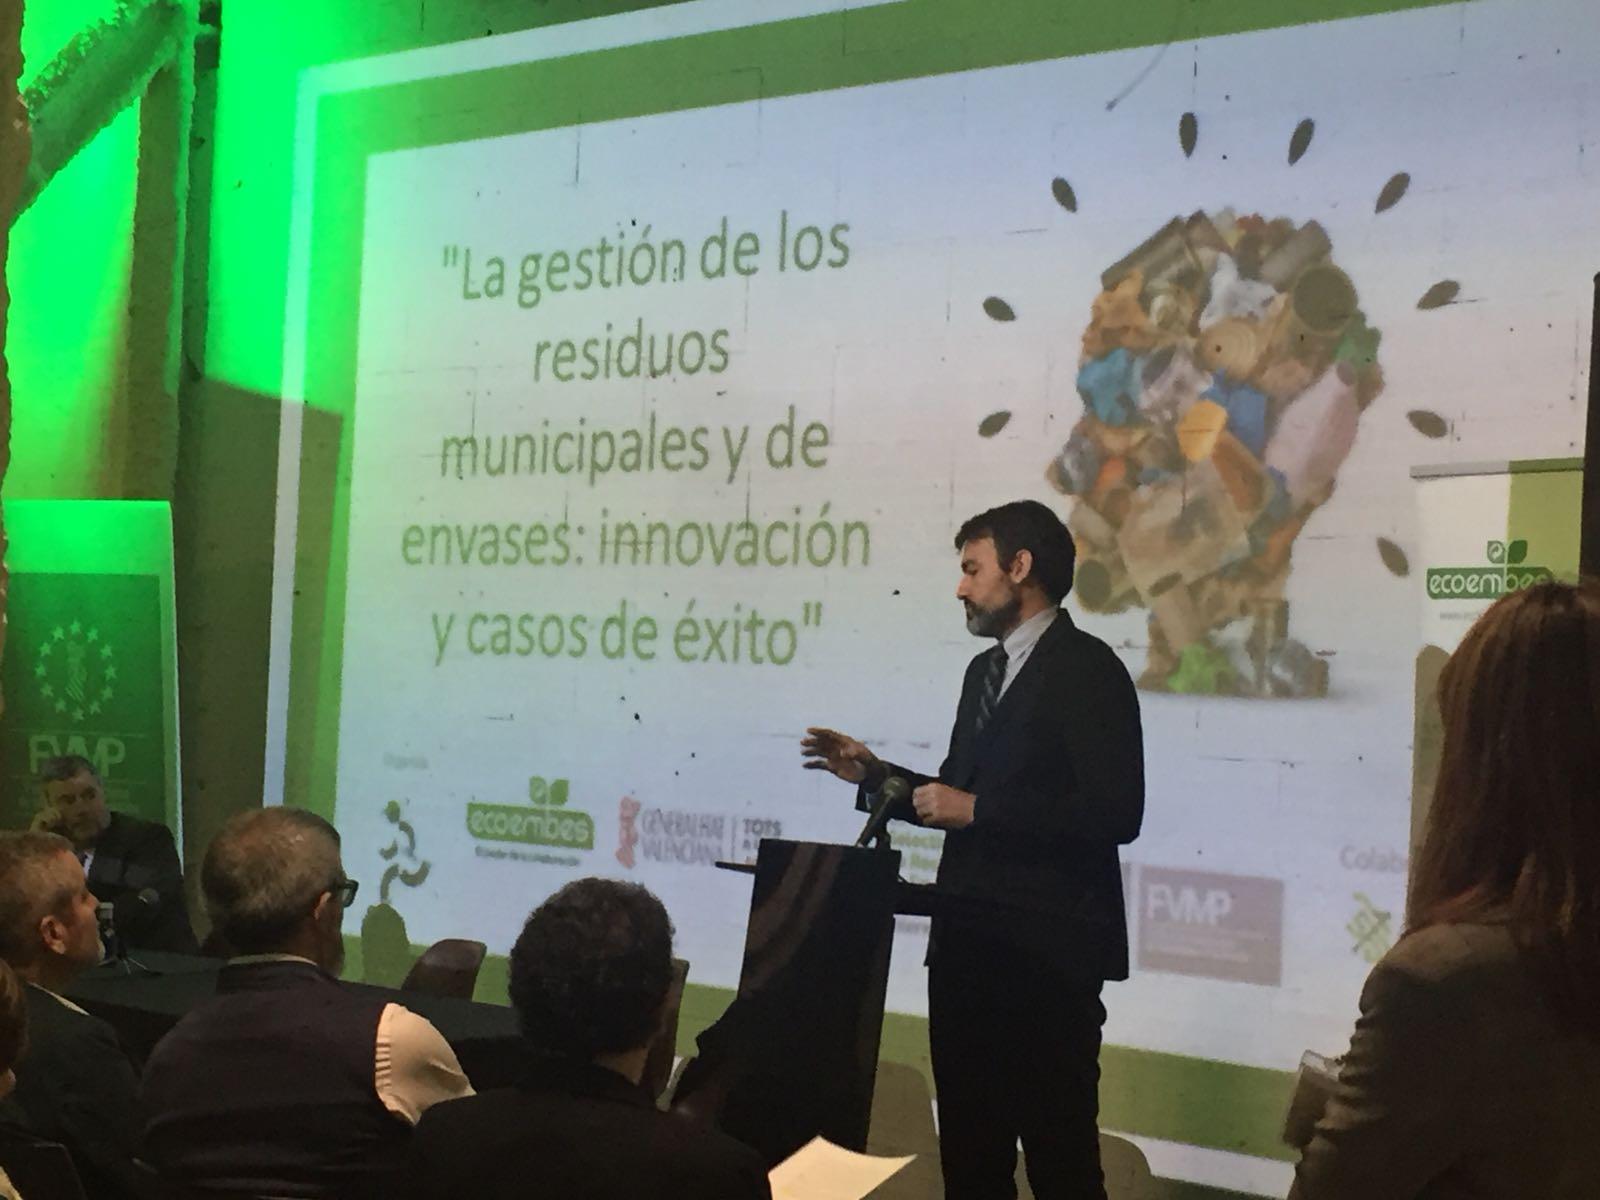 El gerente, Ángel Rodríguez, ha explicado esta herramienta que premia el buen comportamiento de la ciudadanía en materia de reciclaje.